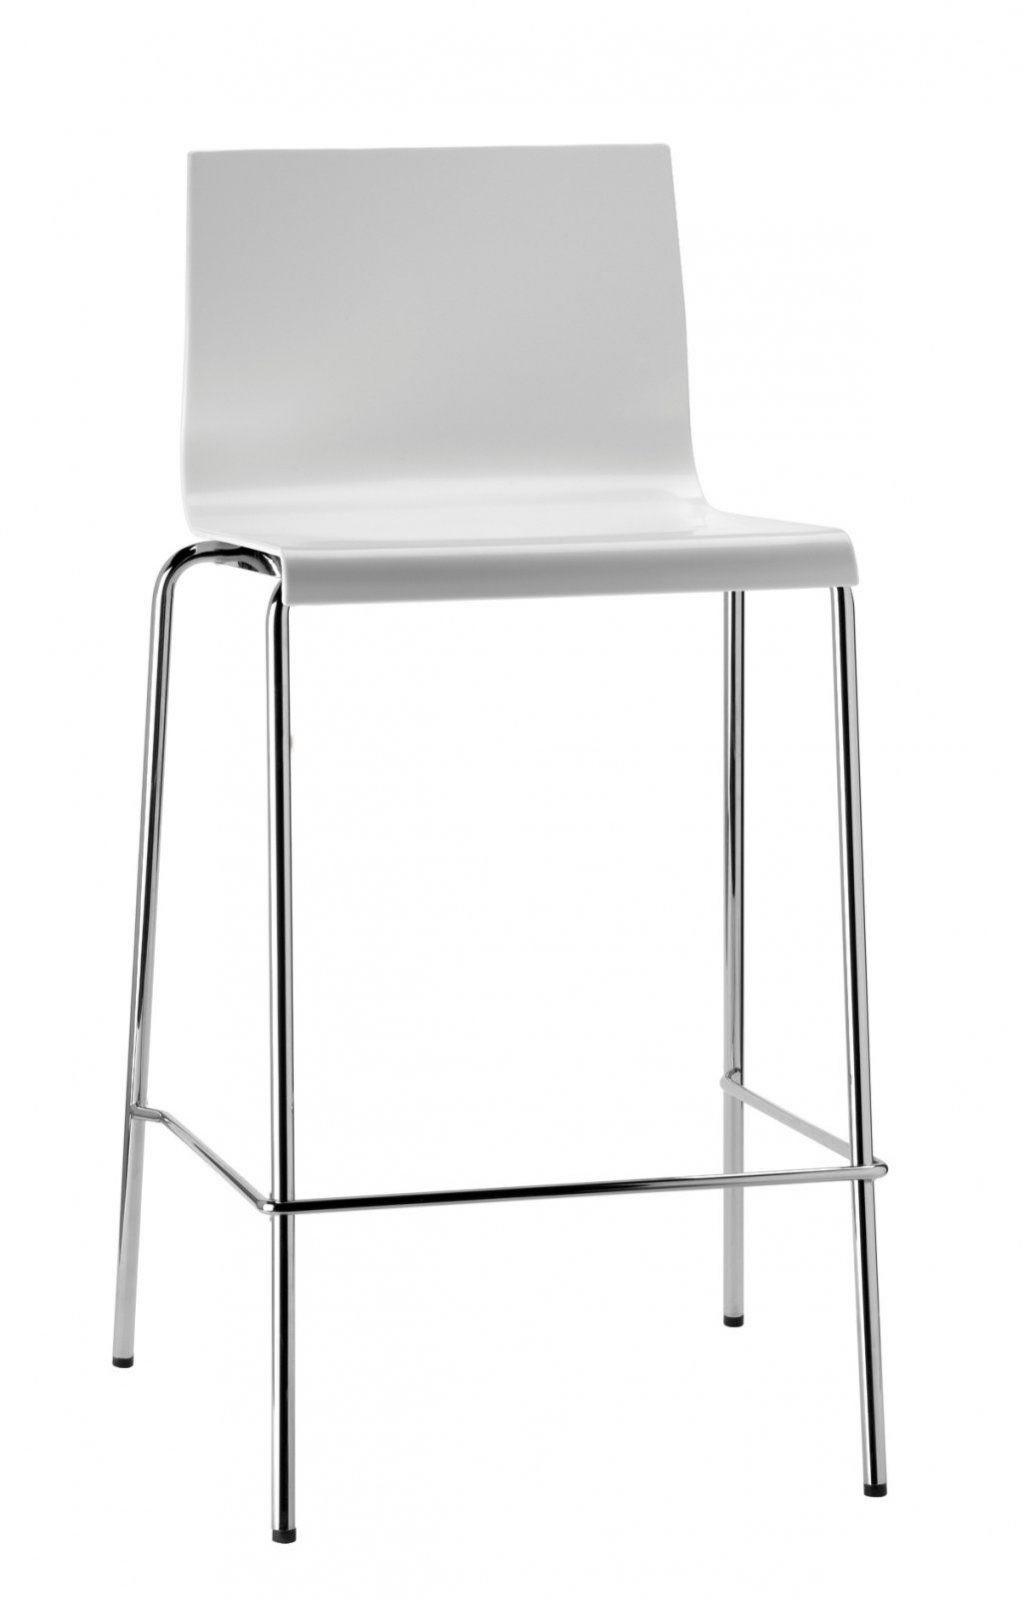 Barhocker 60 Cm Sitzhöhe Herrlich Sitzhöhe Barhocker 76400 Hause von Barhocker 60 Cm Sitzhöhe Photo